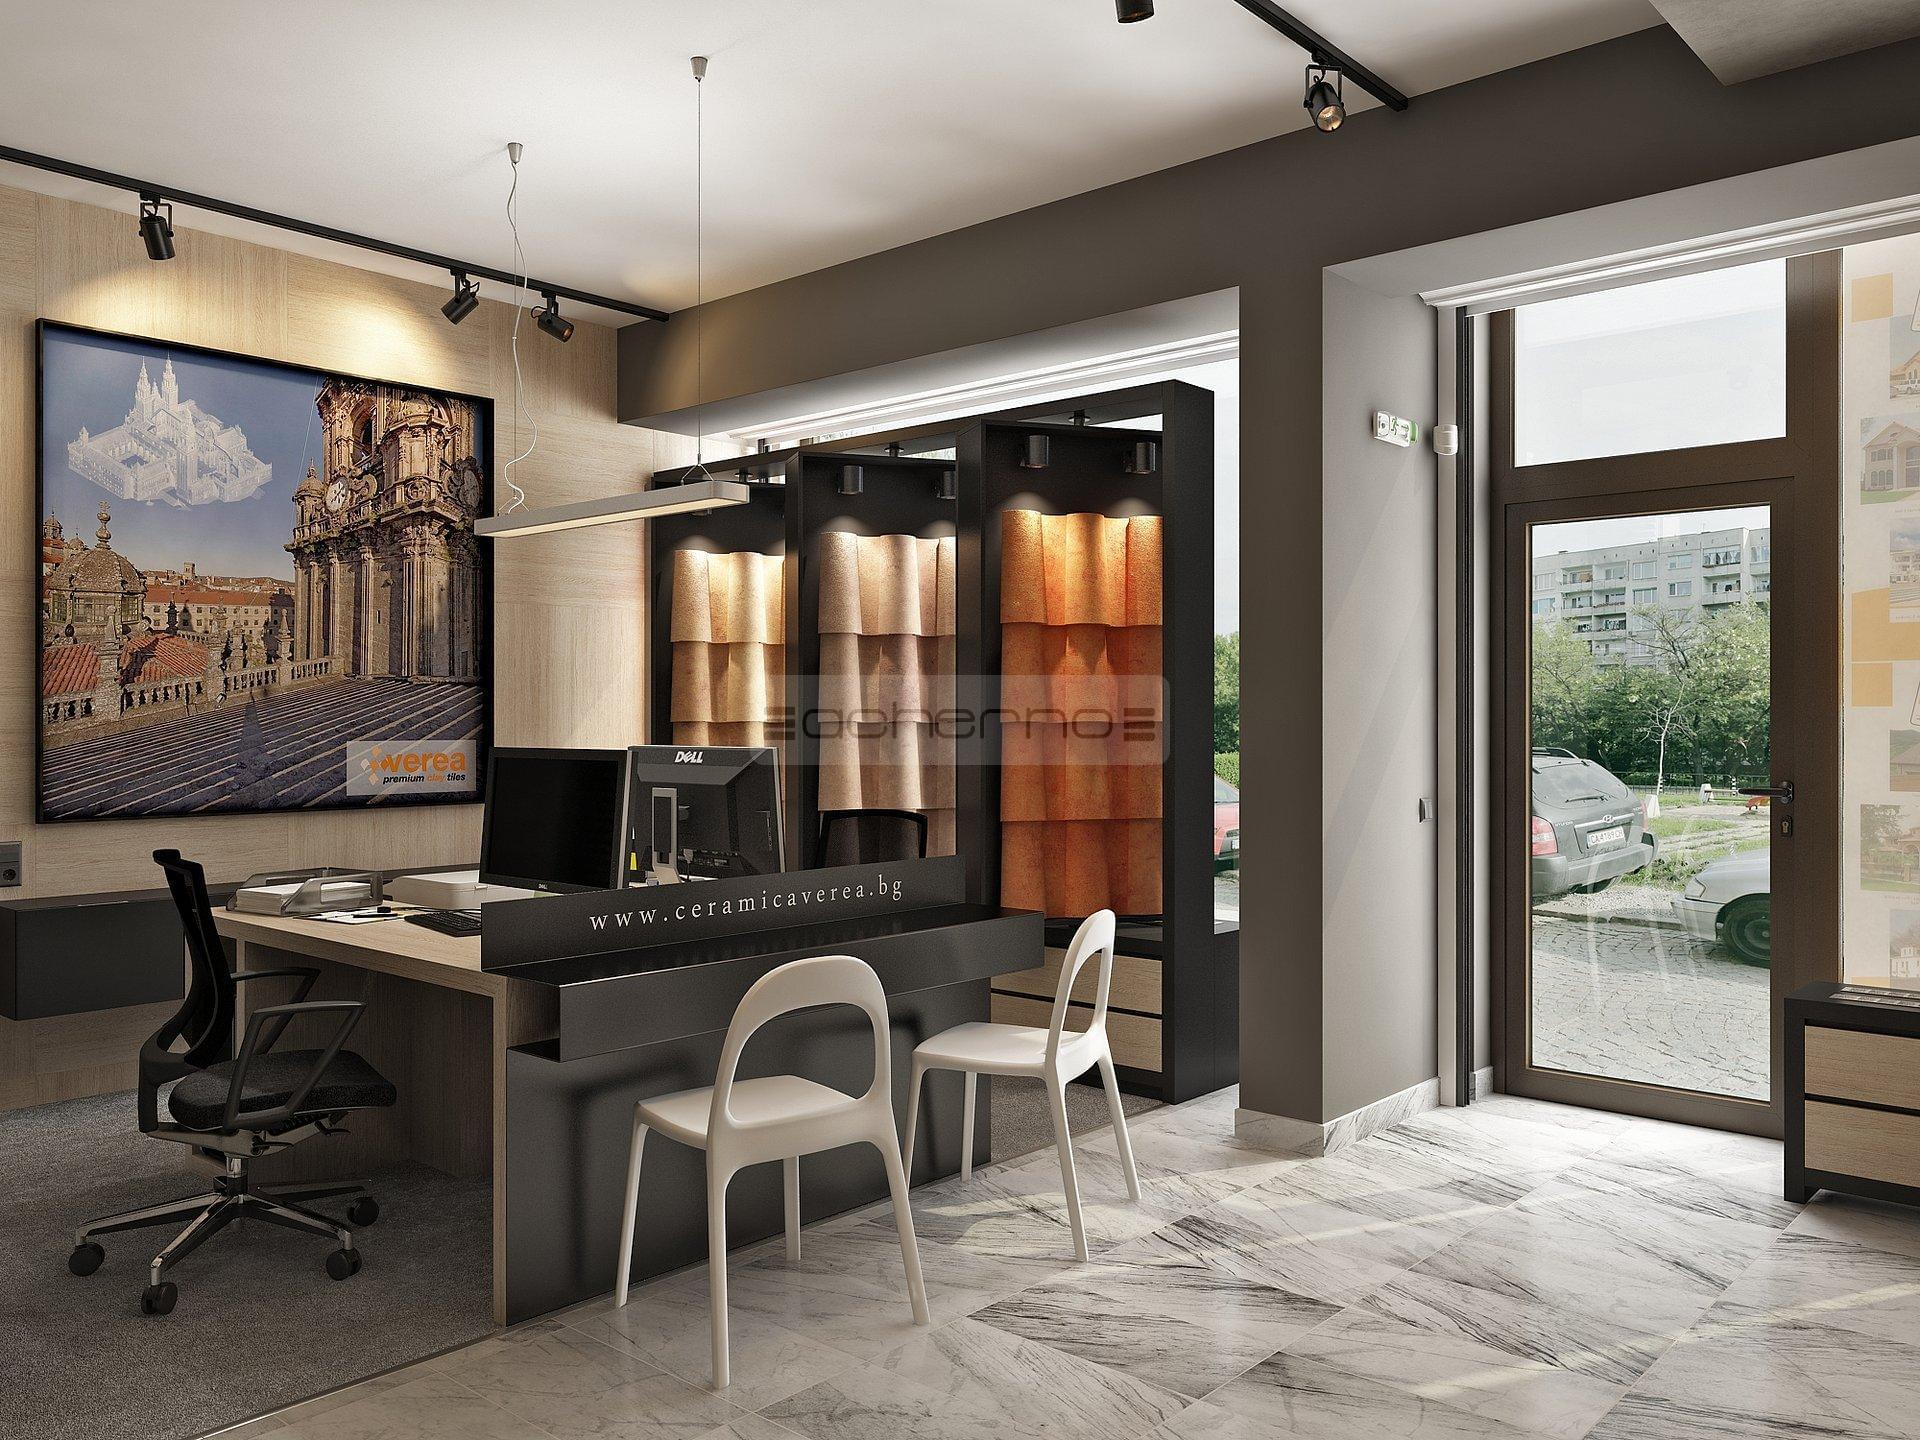 Acherno raumgestaltung office auf dem dach der welt for Raumgestaltung cafe